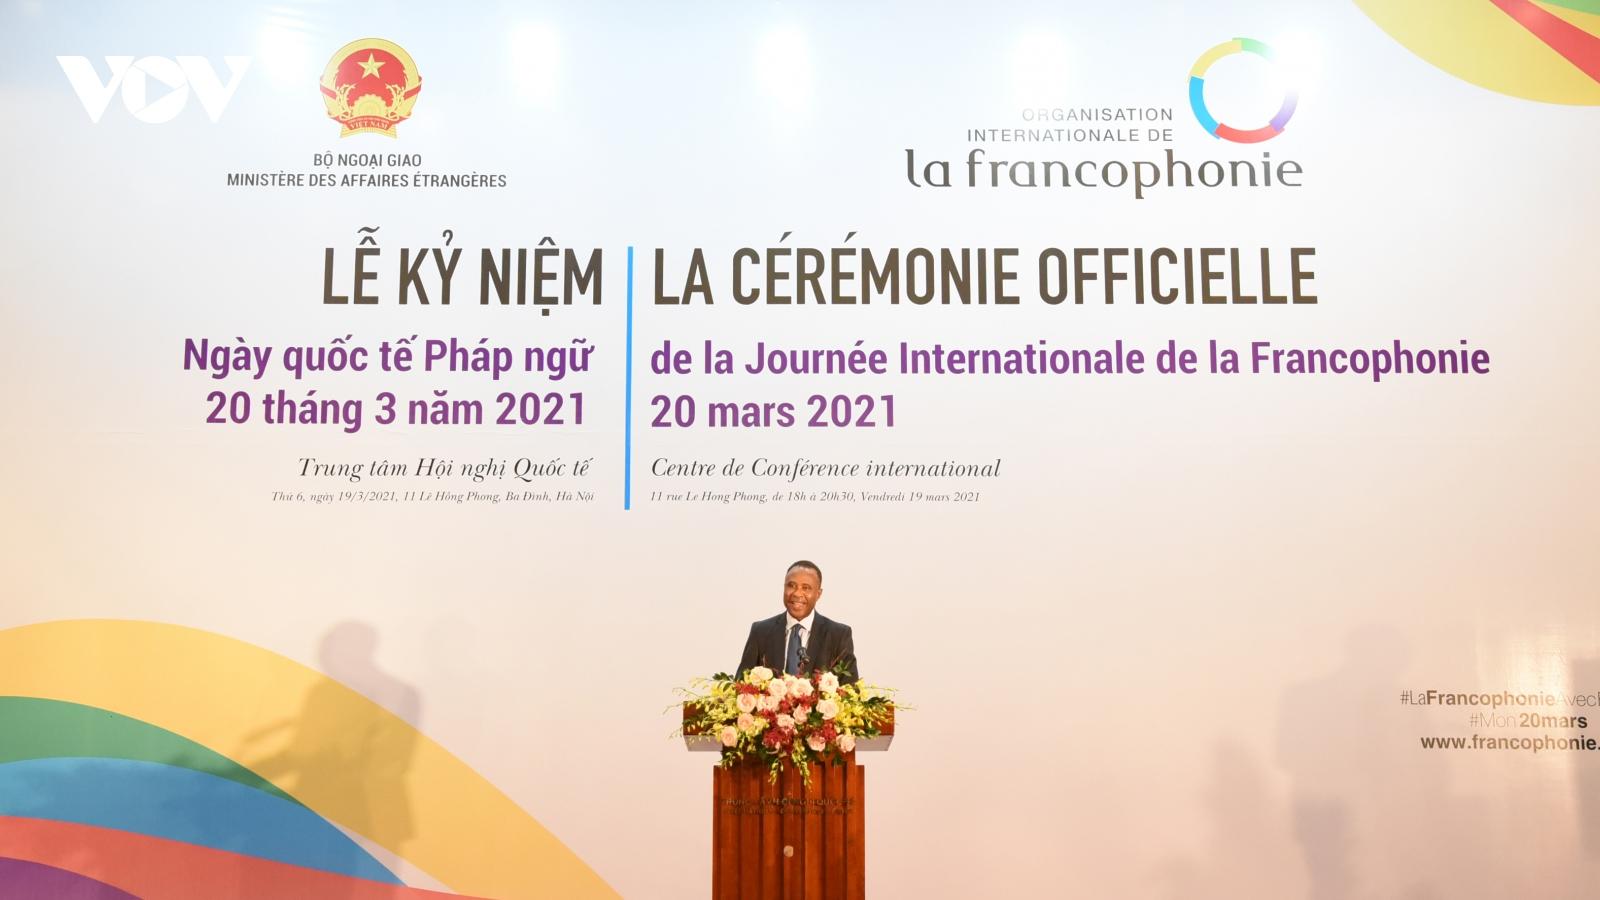 Kỷ niệm Ngày Quốc tế Pháp ngữ 2021: Đoàn kết và phát huy giá trị nhân văn trong đại dịch